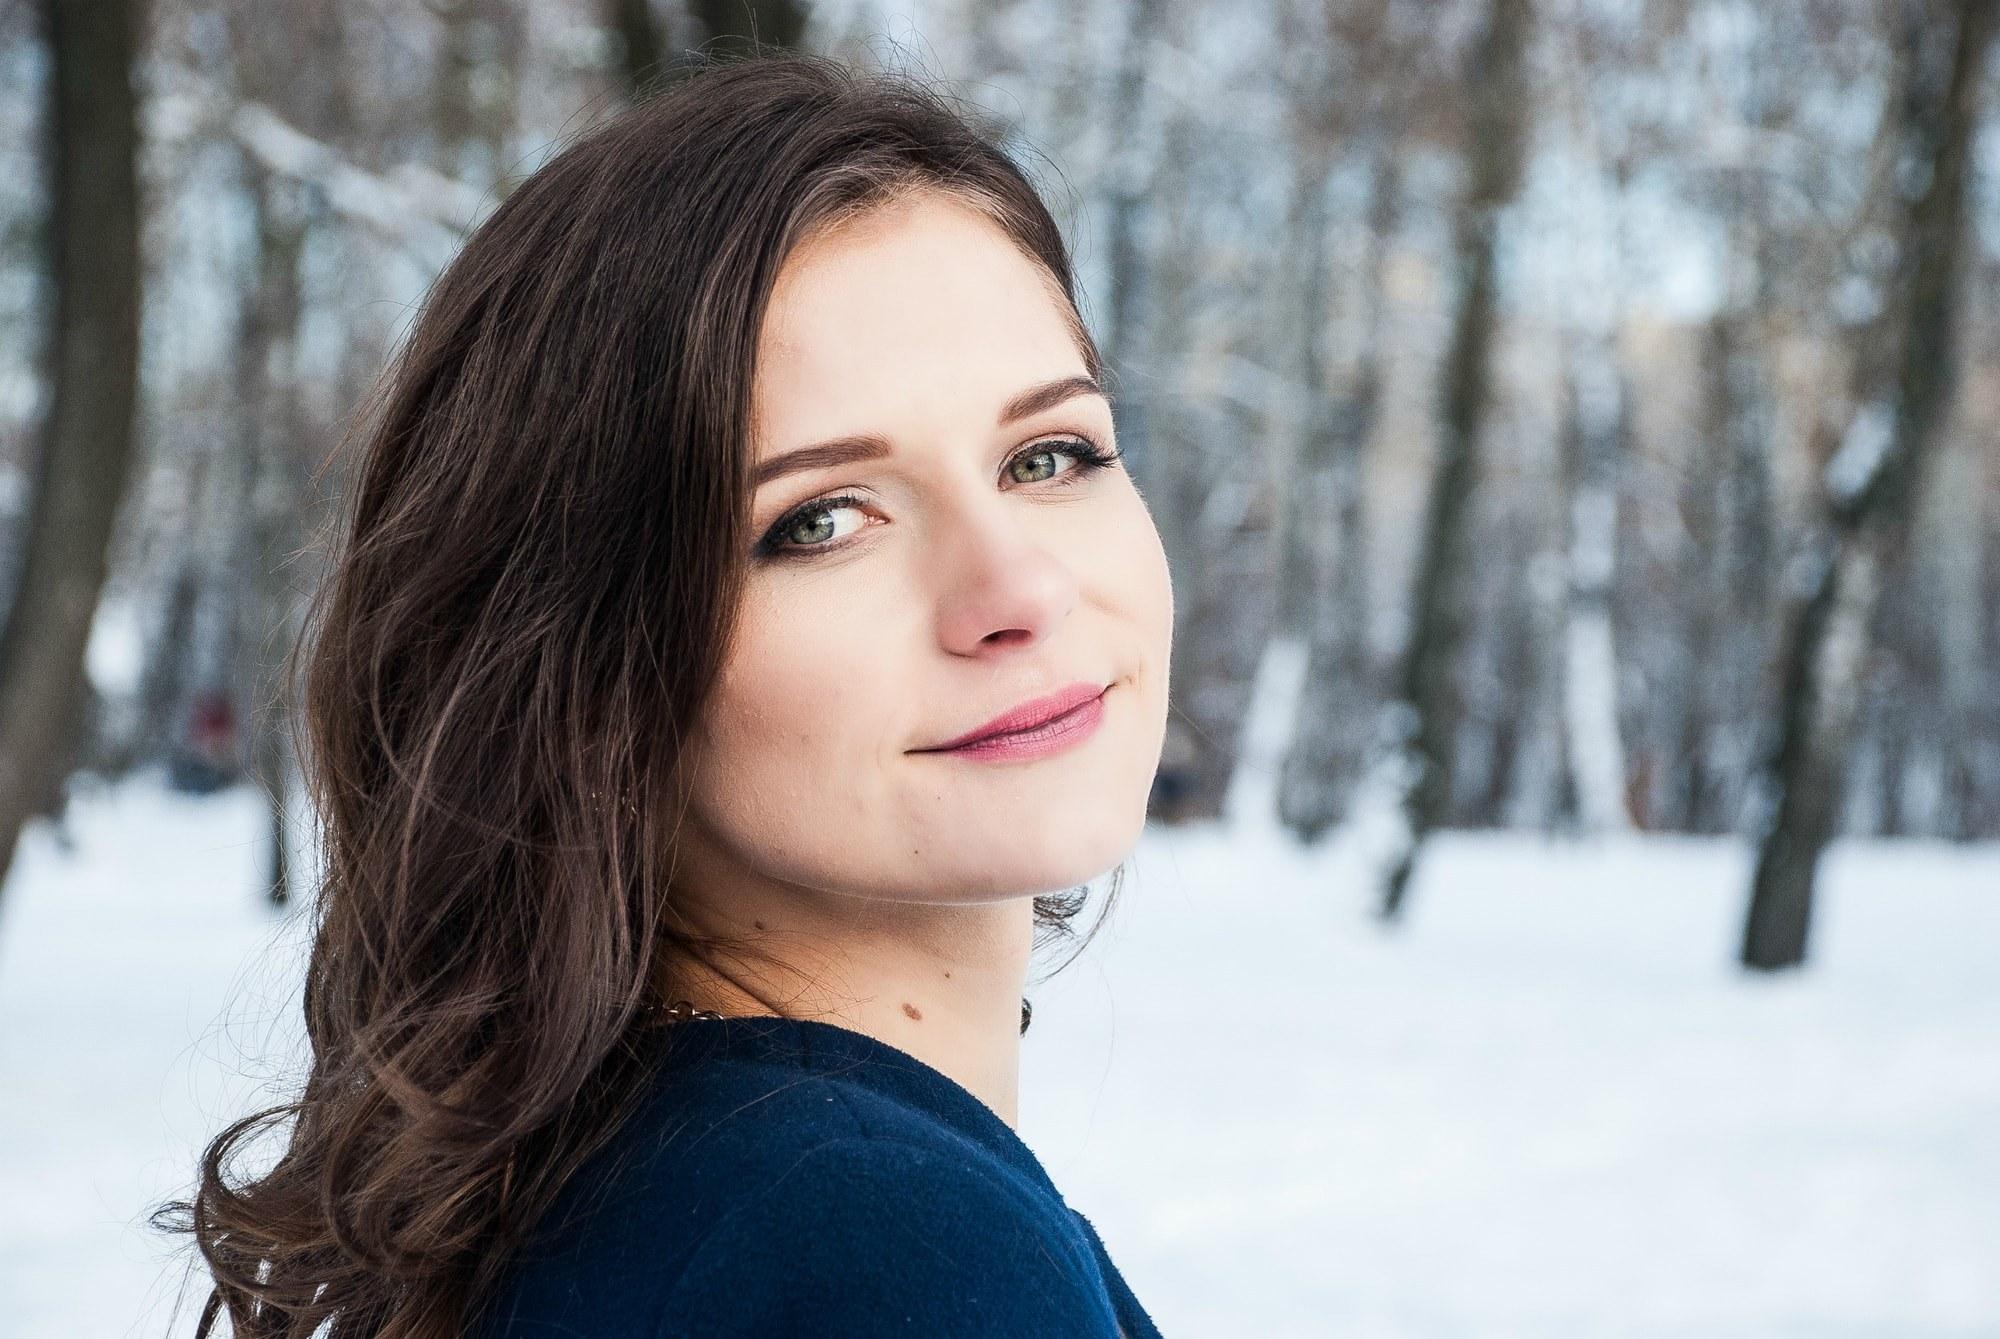 Девушка на зимней фотосессии - Фотограф Киев - Женя Лайт